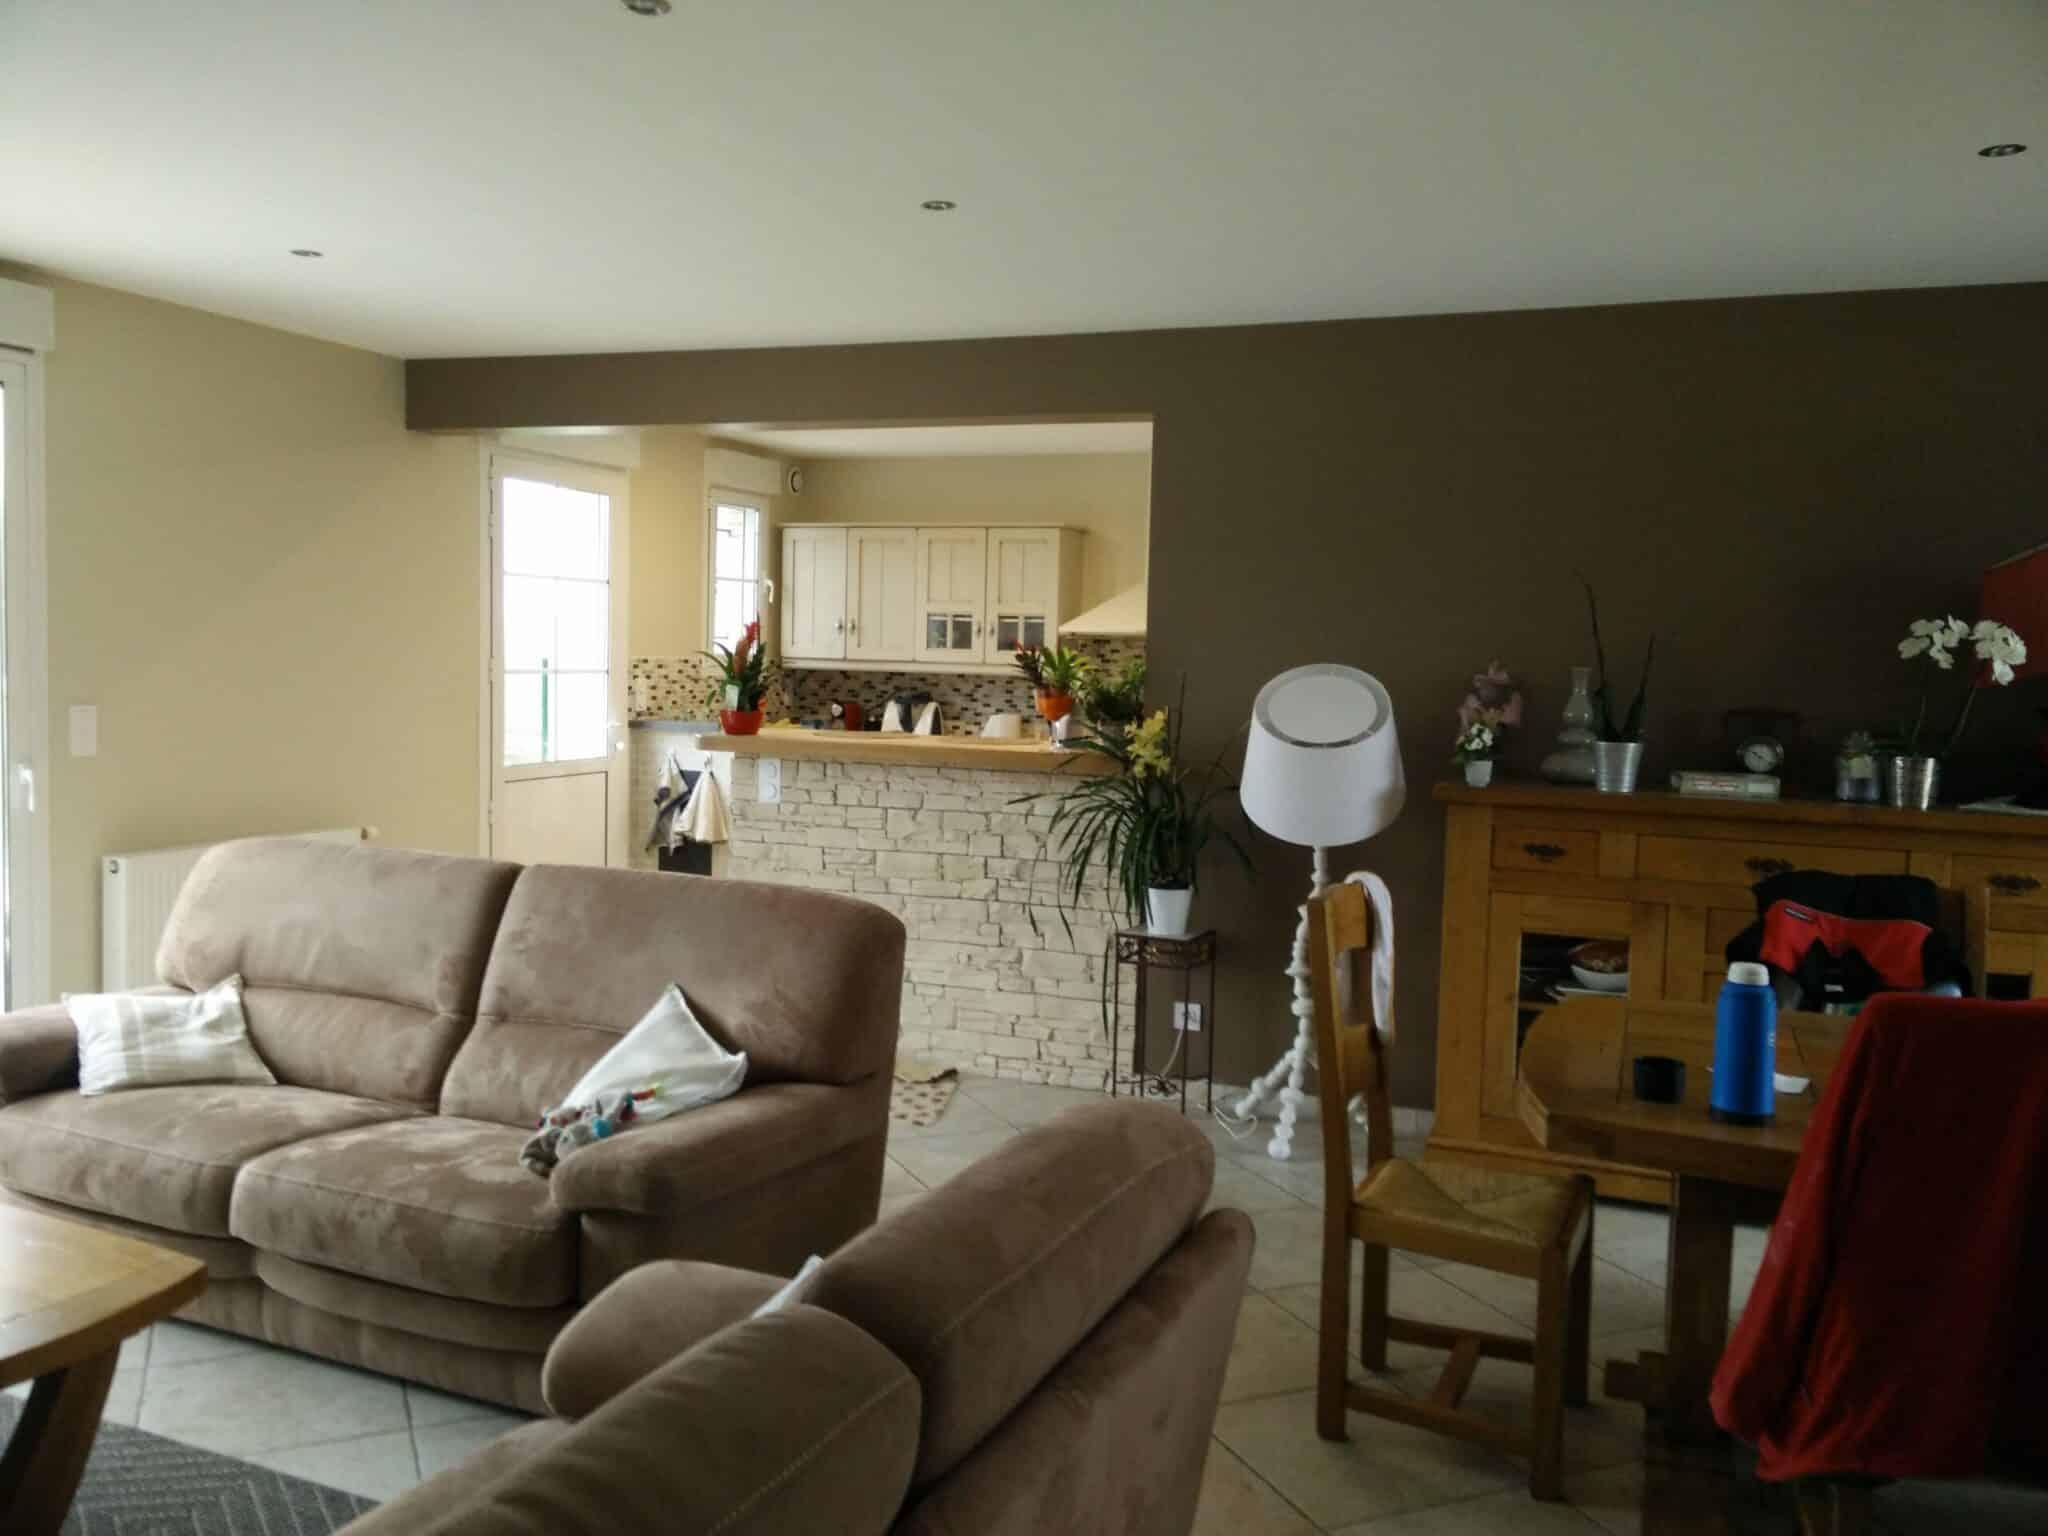 quelques photos peinture salons st ph d co orl ans. Black Bedroom Furniture Sets. Home Design Ideas